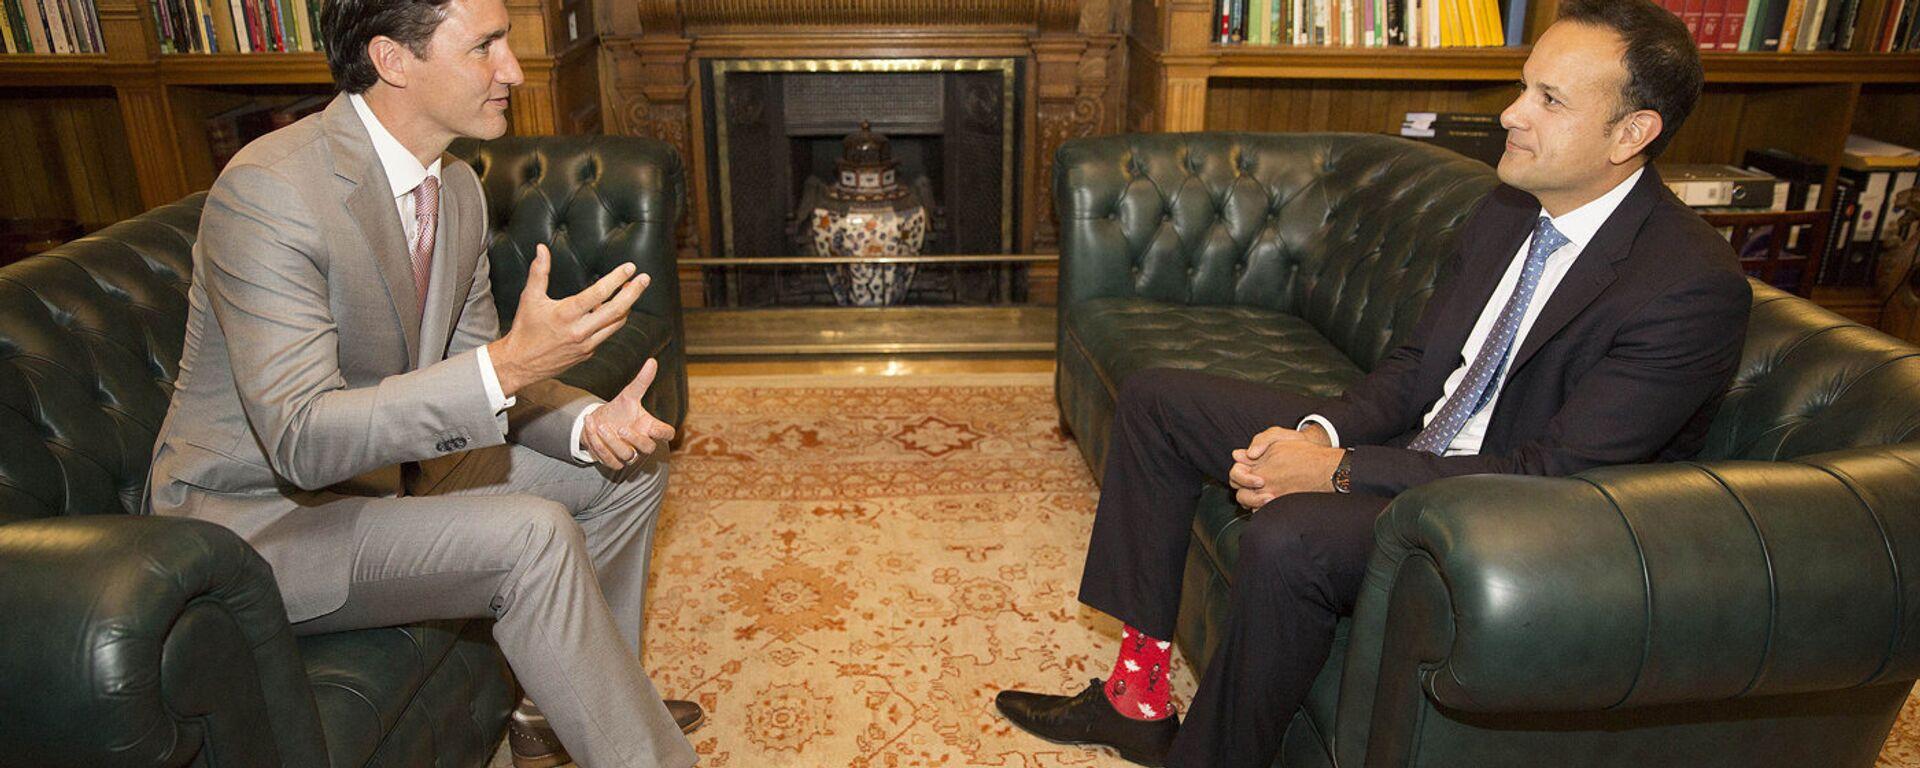 Премьер-министр Канады Джастин Трюдо и премьер-министр Ирландии Лео Варадкар - Sputnik Латвия, 1920, 04.07.2017